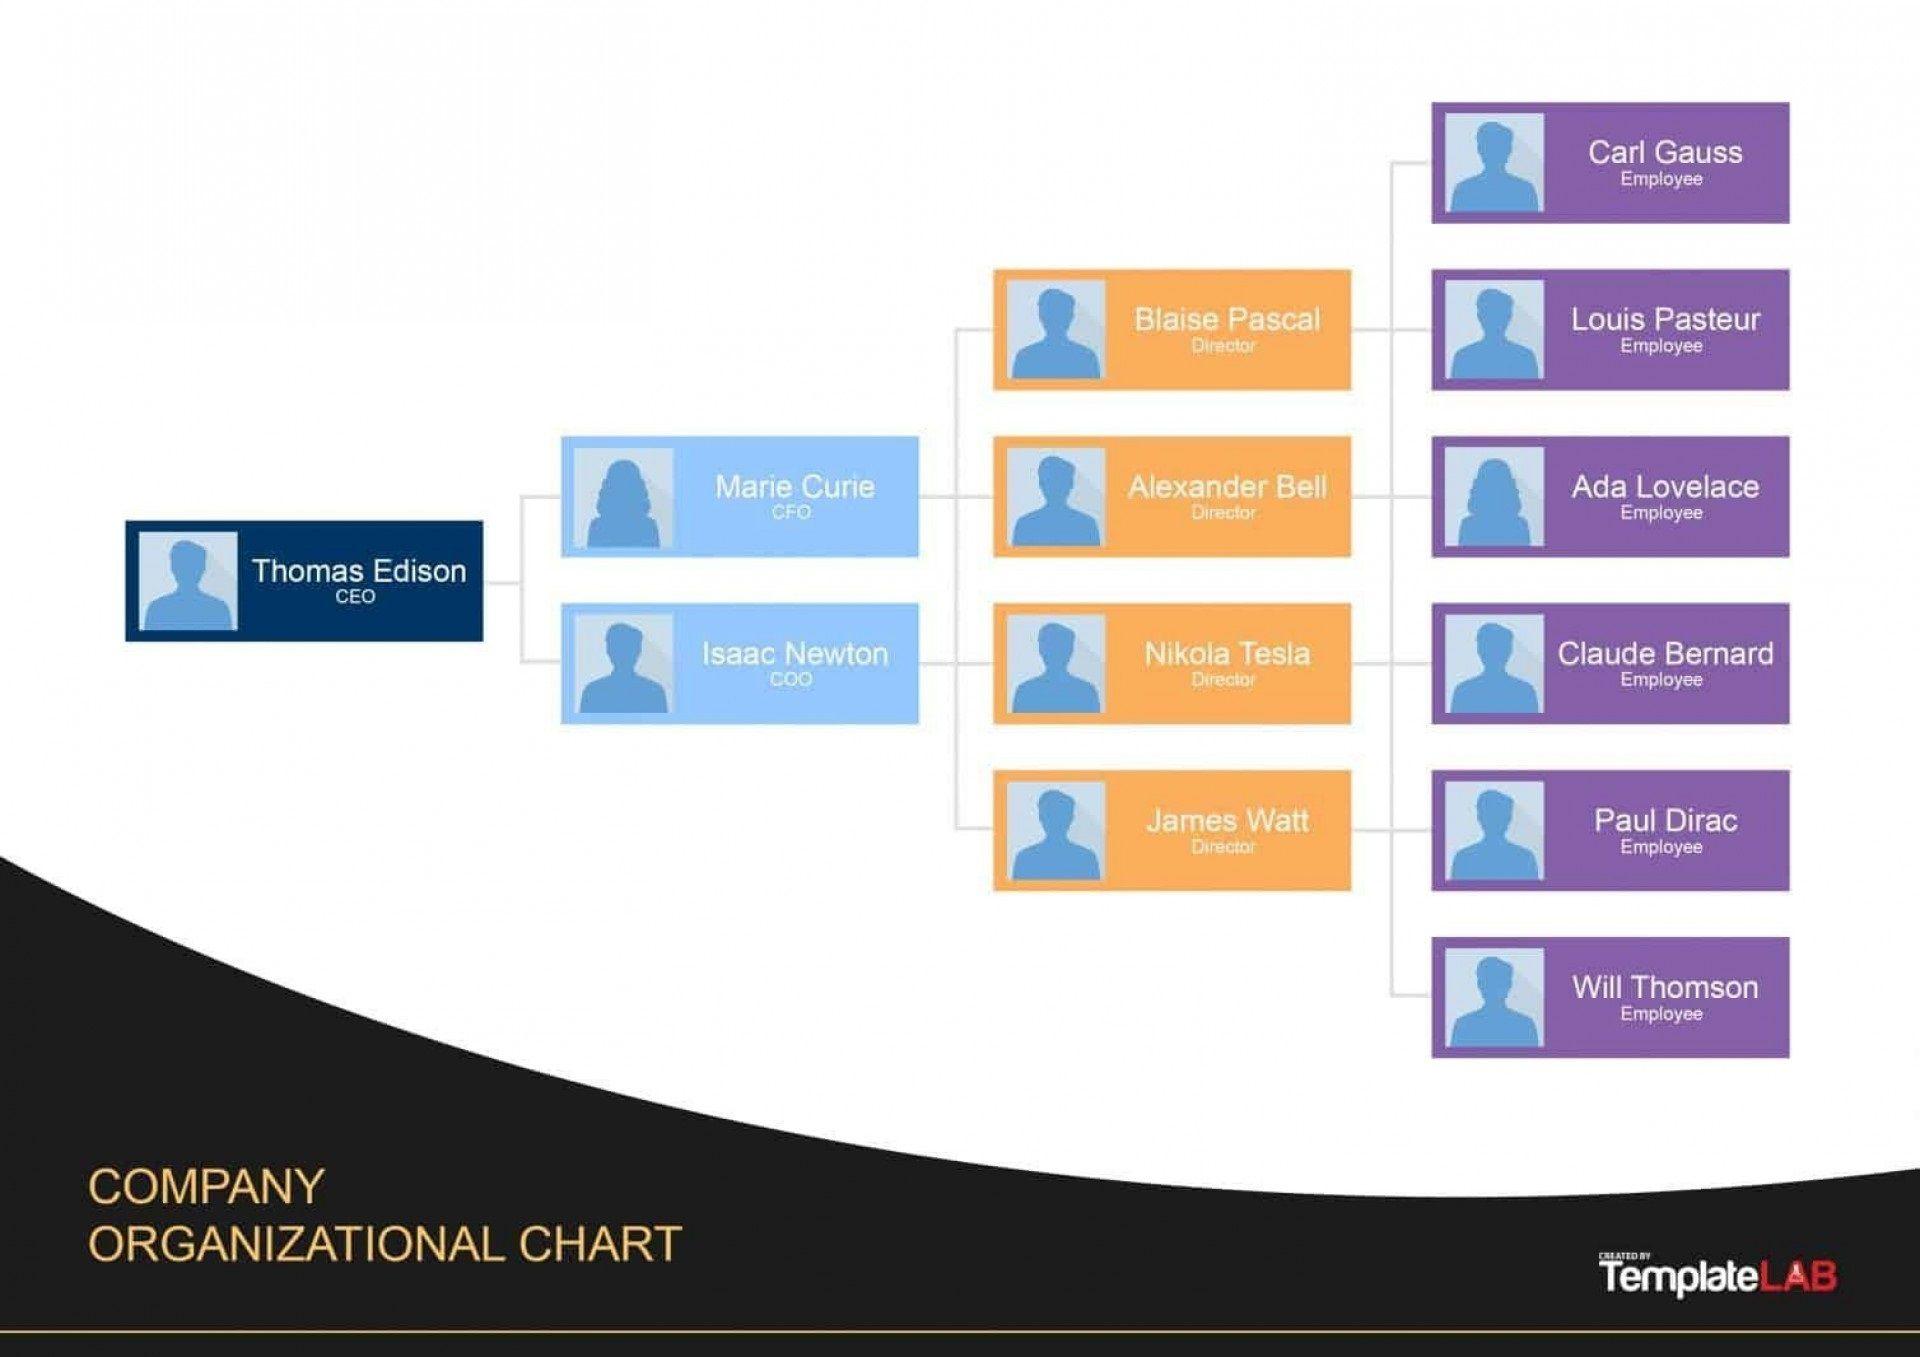 008 Marvelou Organization Chart Template Word 2013 Inspiration  Organizational Free MicrosoftFull